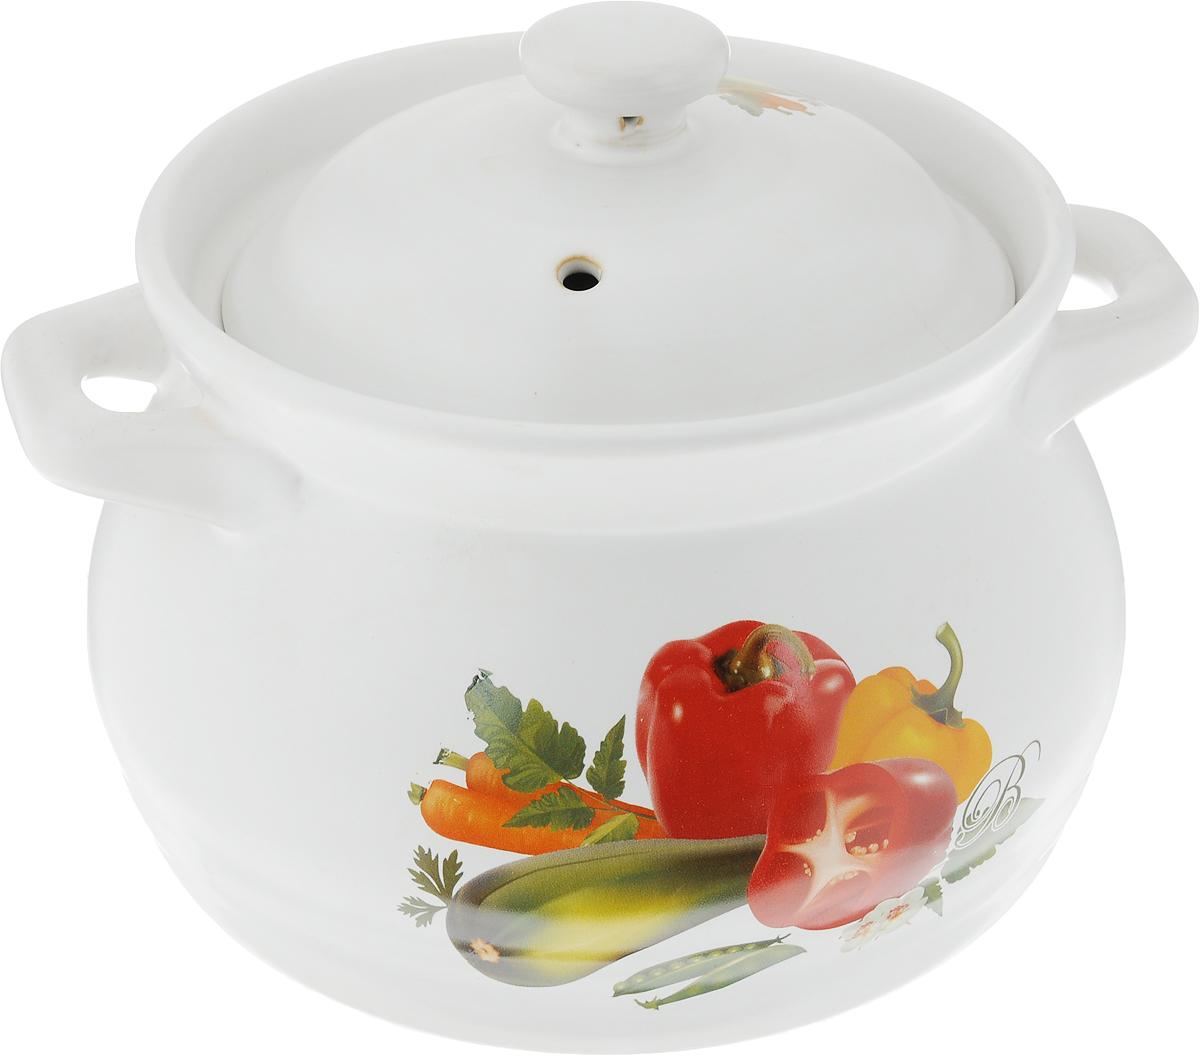 Кастрюля-супница Bohmann Овощи с крышкой, 1,8 л1318BHC_белый/овощиКастрюля-супница Bohmann Овощи, изготовленная из жаропрочной керамики, предназначена для приготовления и подачи супов, бульонов, гуляшей, жаркое. Изделие оснащено крышкой с отверстием для выпуска пара и удобными ручками. Внешние стенки дополнены красочным изображением овощей. В такой кастрюле можно жарить, тушить, варить. Изделие выдерживает температуру от -20°С до +300°С. Подходит для различных типов плит, в том числе газовых, электрических, микроволновой печи, духового шкафа, а также для хранения пищи в холодильнике. Разрешено мыть в посудомоечной машине.Диаметр супницы (по верхнему краю): 16 см. Ширина супницы (с учетом ручек): 21 см. Высота супницы (без учета крышки): 12,5 см. Диаметр основания: 15 см.